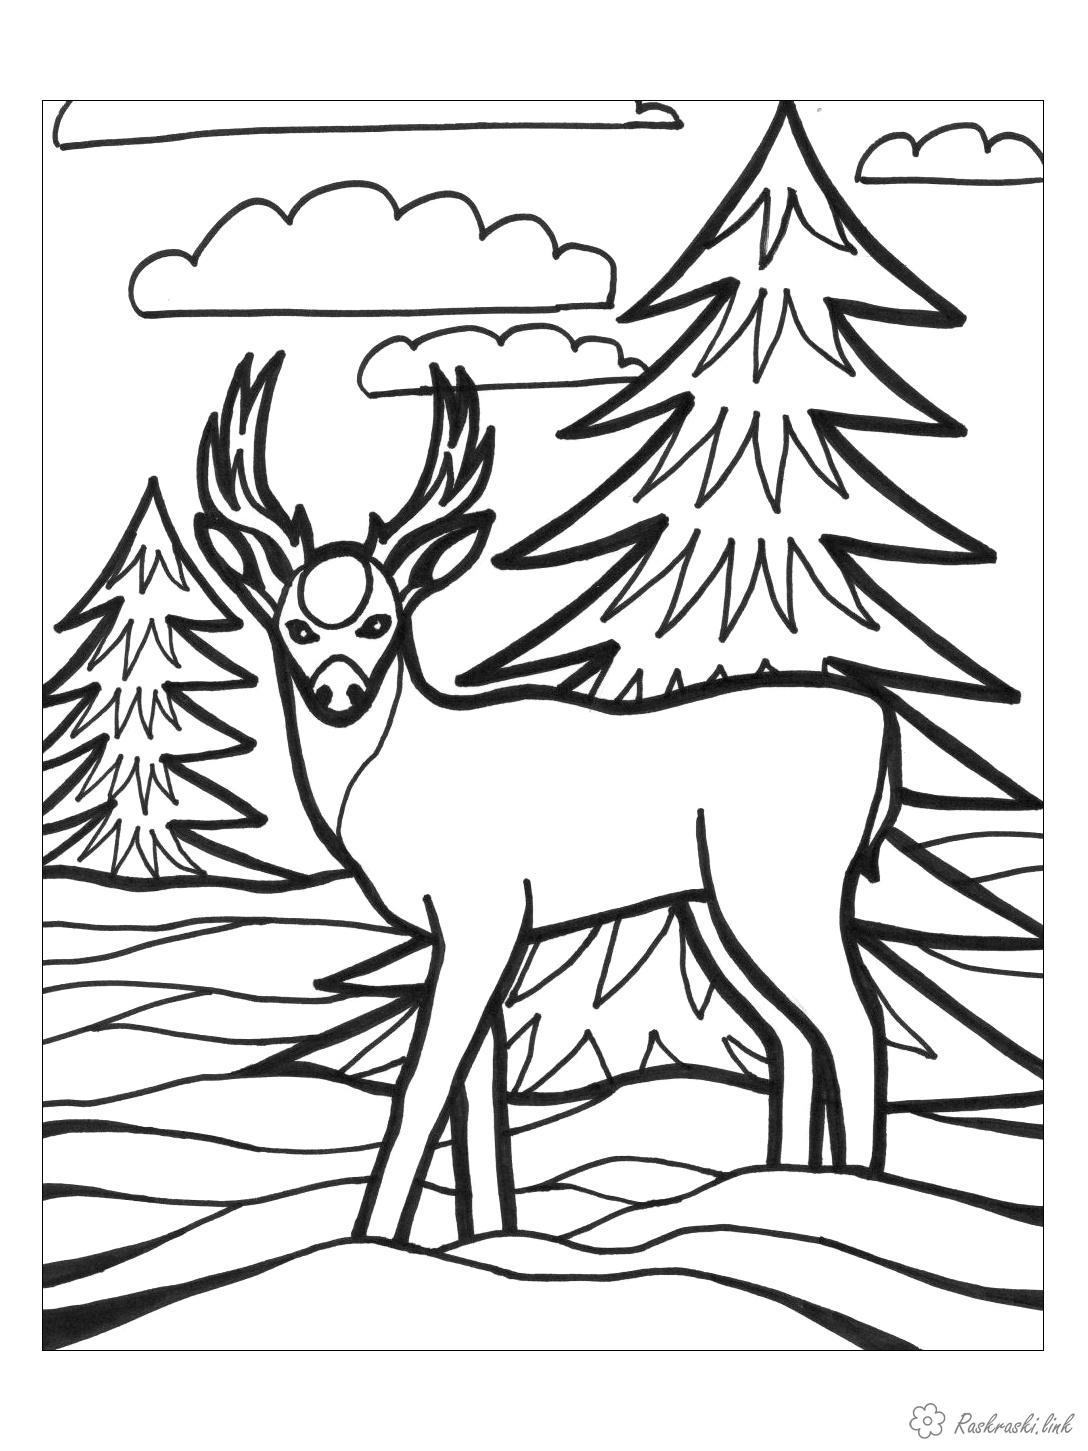 Розмальовки тлі Розмальовка тварини, природа, дикі тварини, лісові тварини, розфарбування олень, роги, їли, ліс, сні...